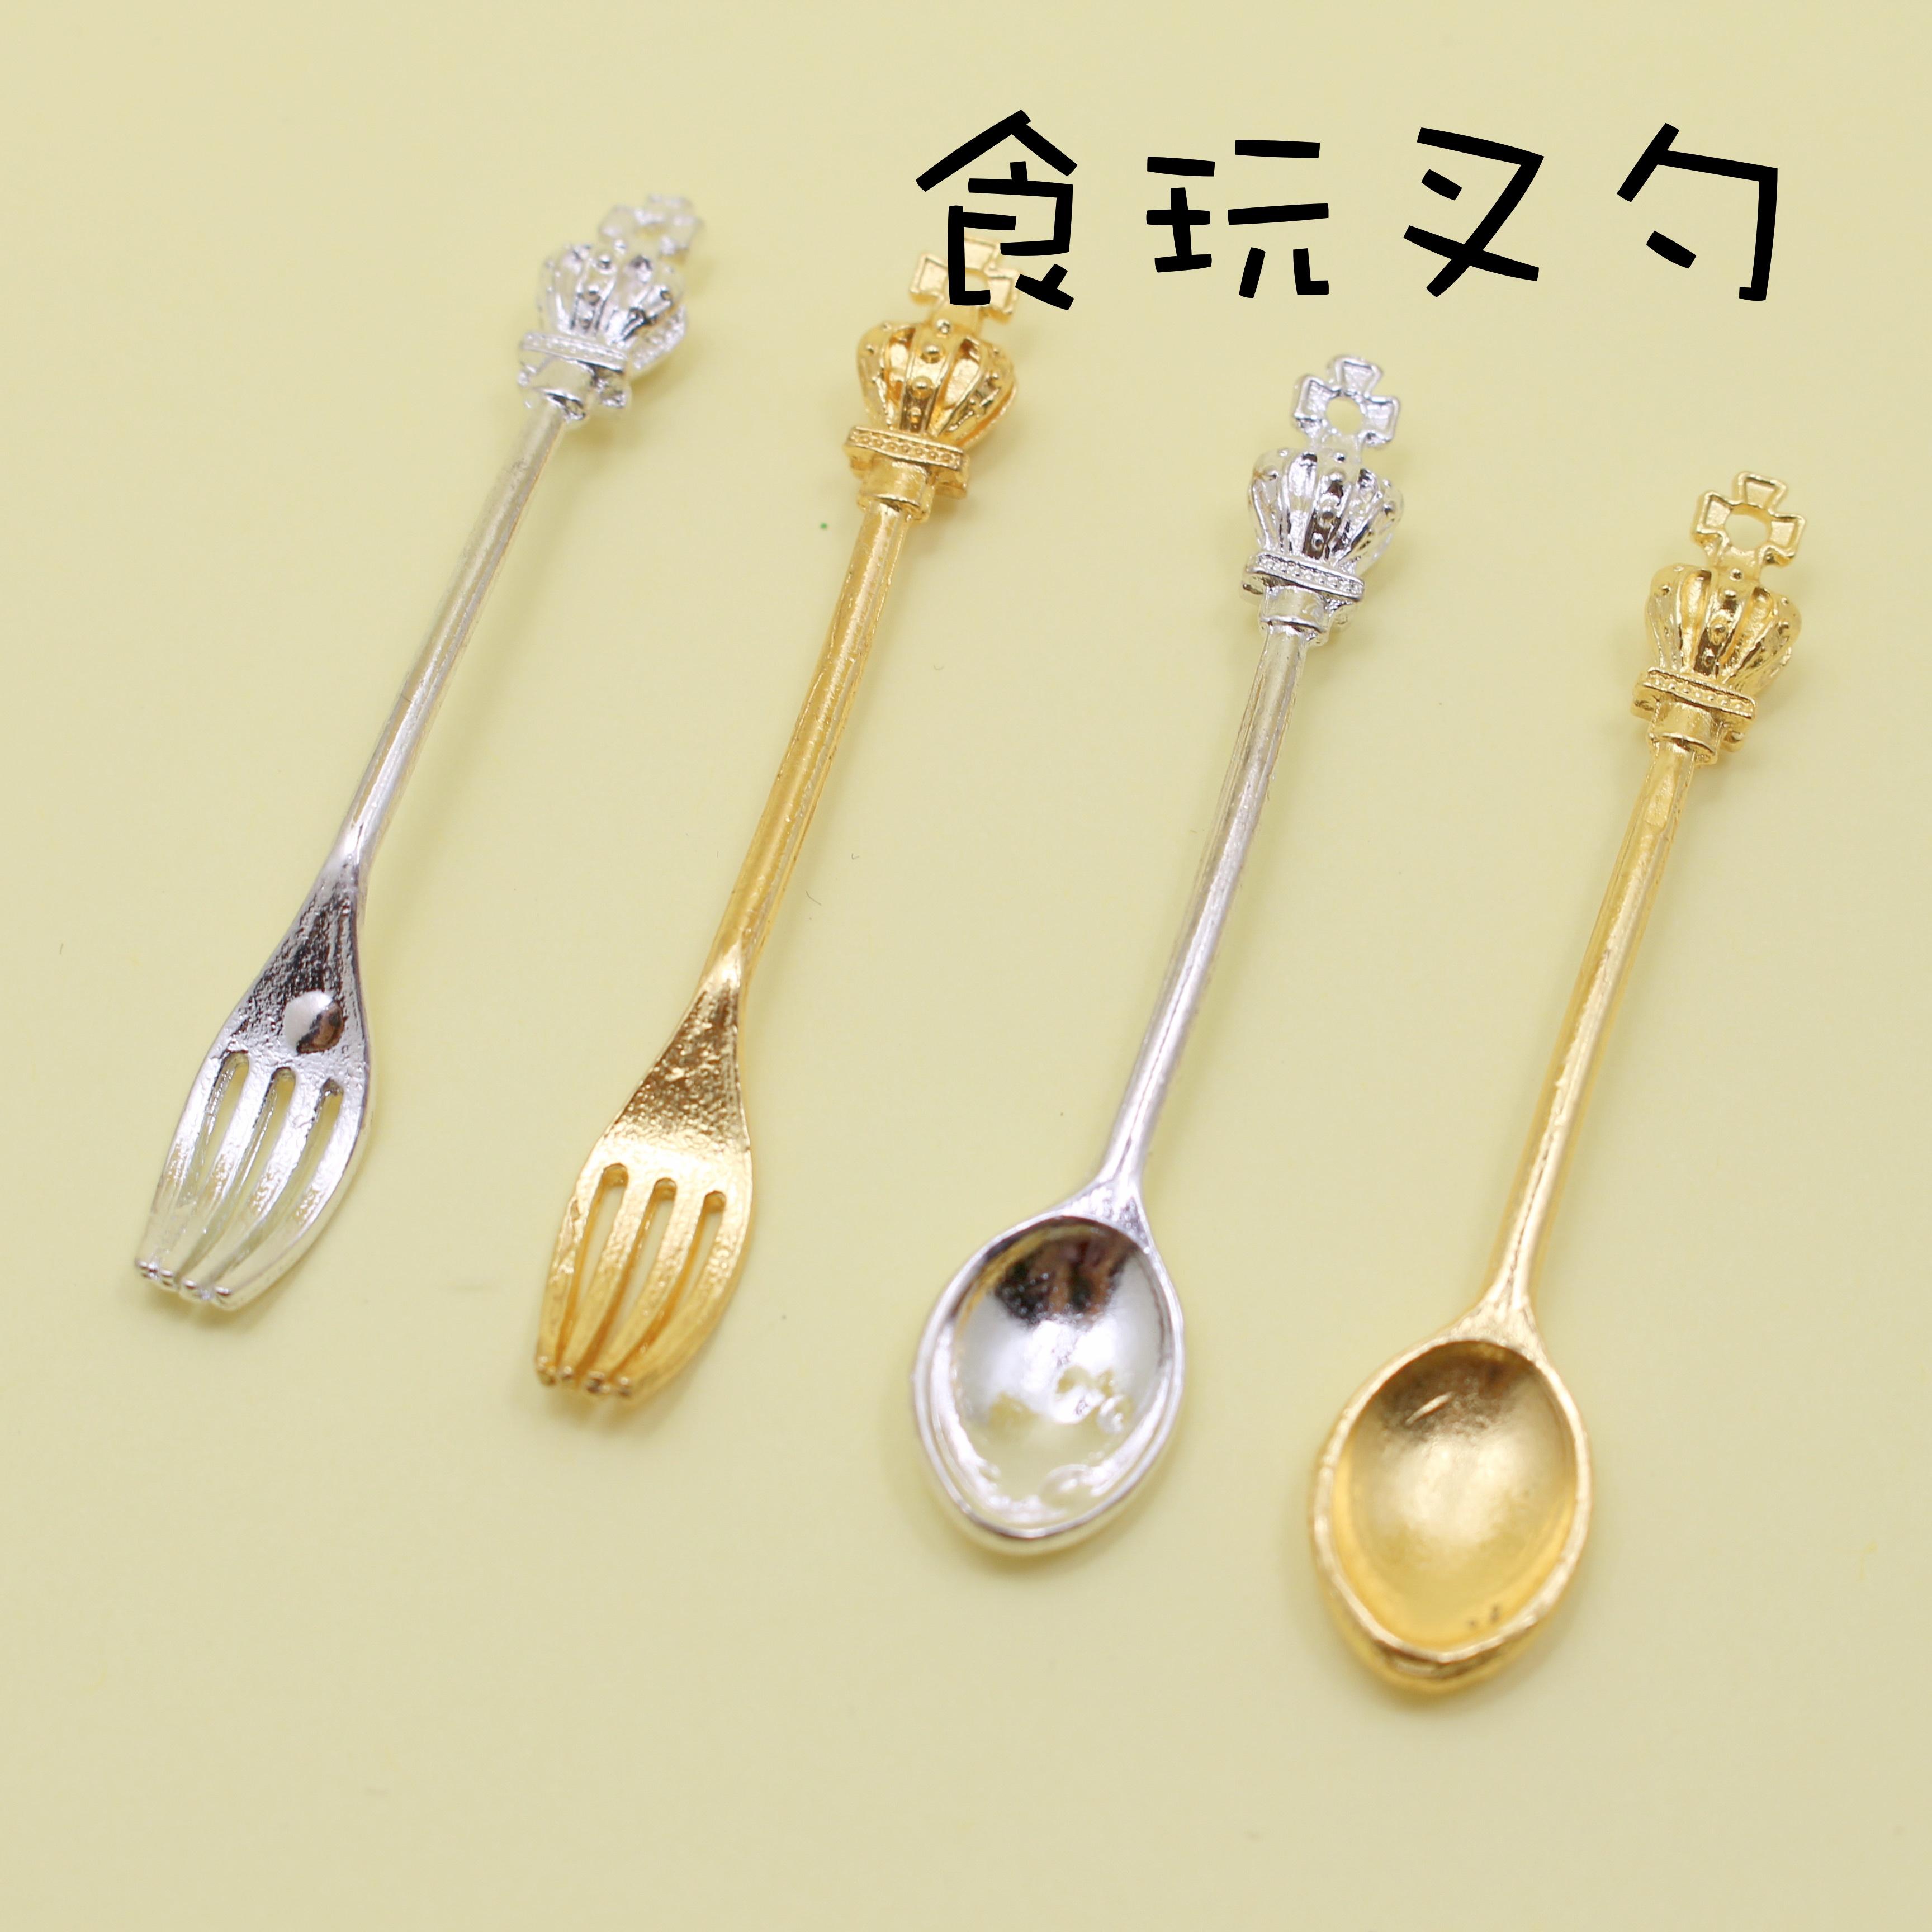 【墨叔家】超轻粘土食玩娃娃屋配件迷你勺子叉子